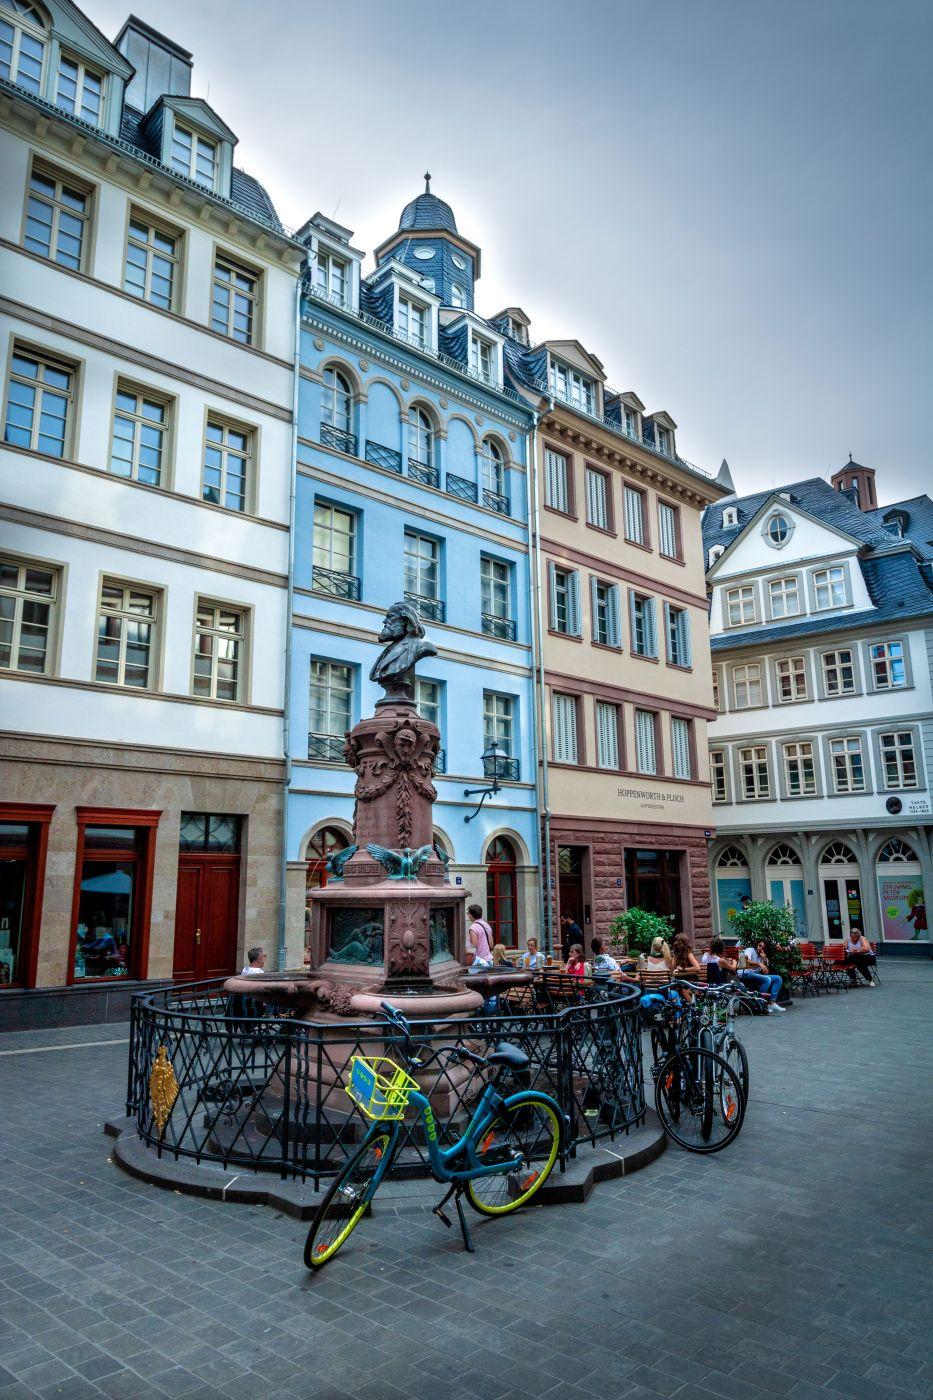 Neue Altstadt, Germany